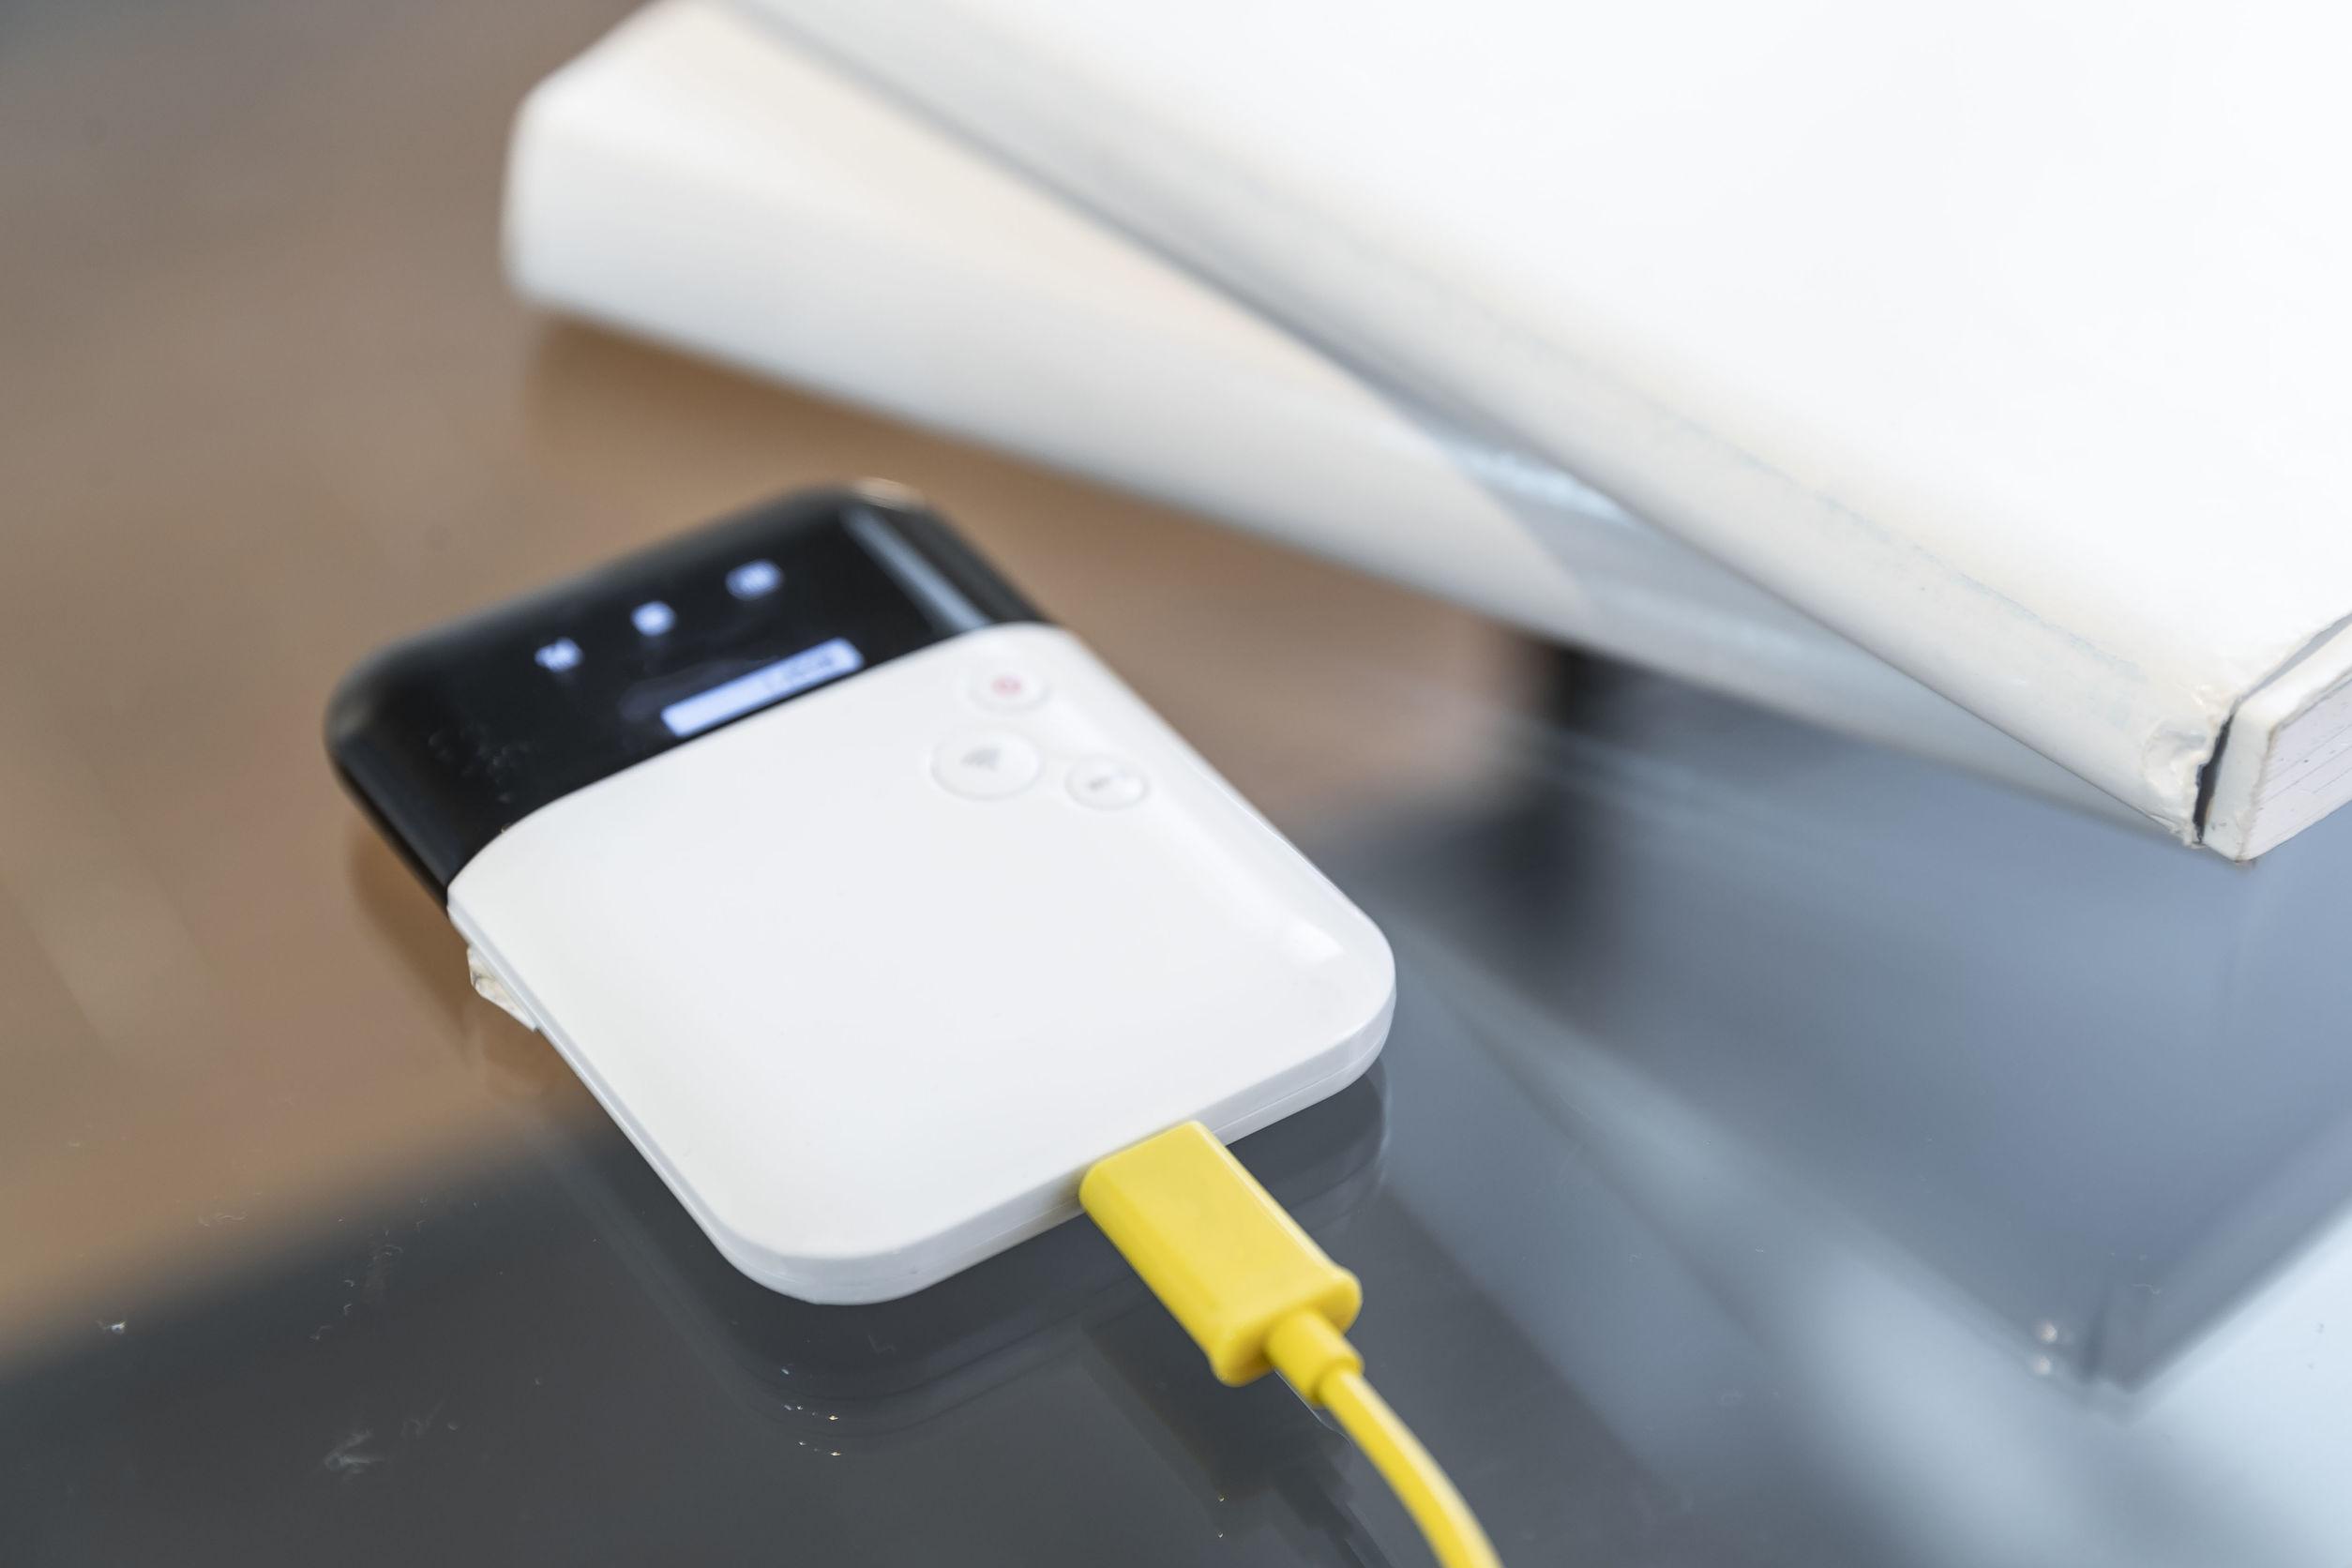 Mobiler WLAN Router: Test & Empfehlungen (09/20)